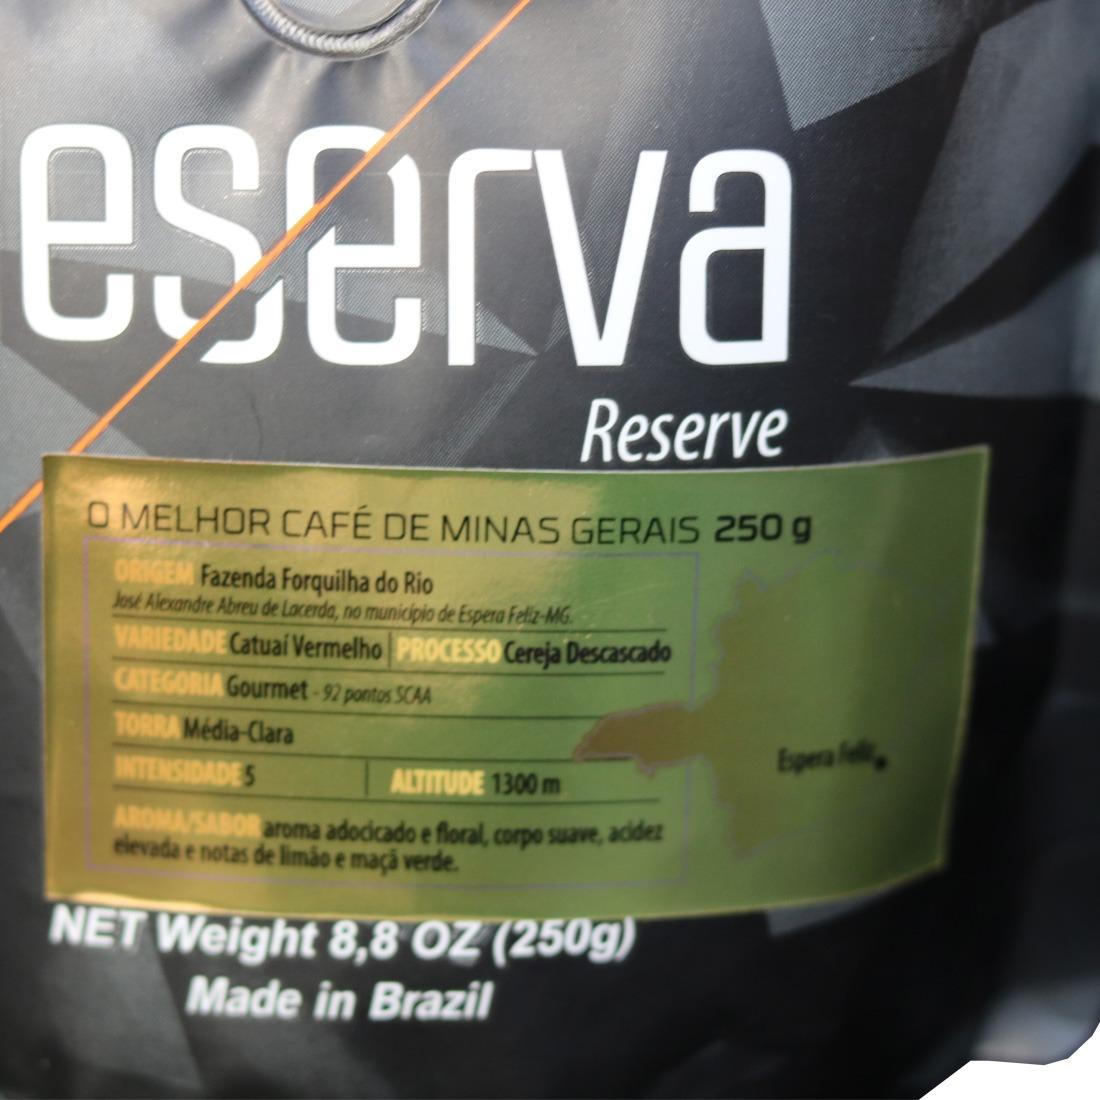 93a216b3e reserva villa café o melhor café de minas gerais em grãos. Carregando zoom.